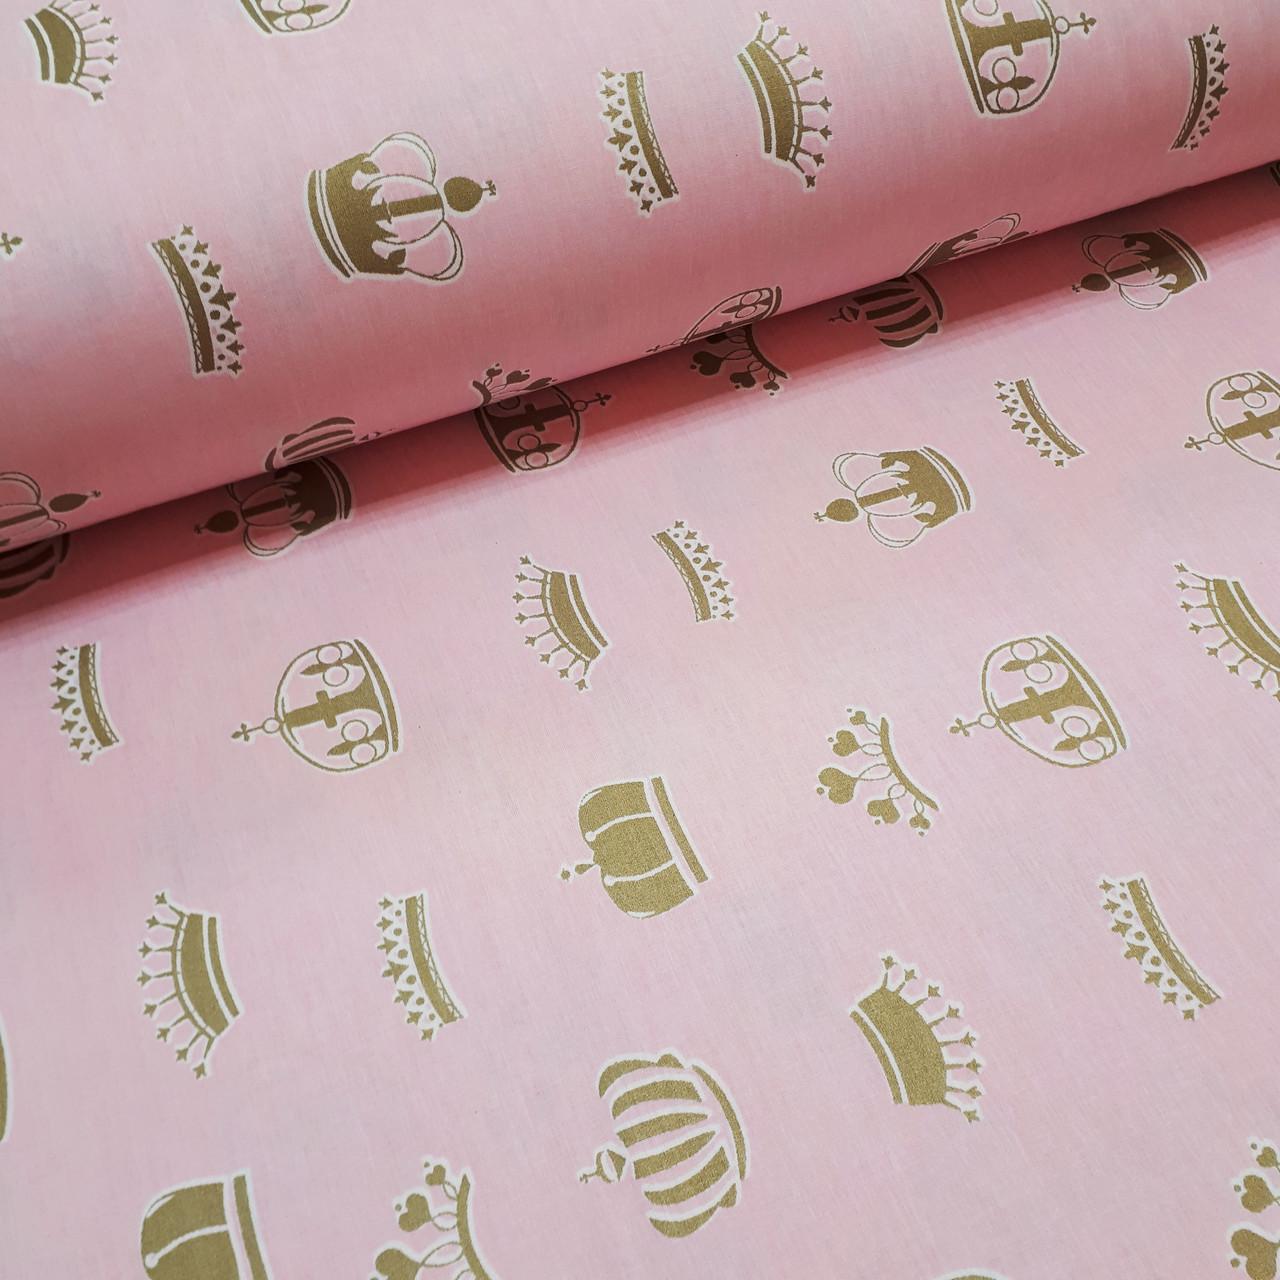 Ткань поплин короны золотистые (глиттер) на розовом (ТУРЦИЯ шир. 2,4 м) №32-62